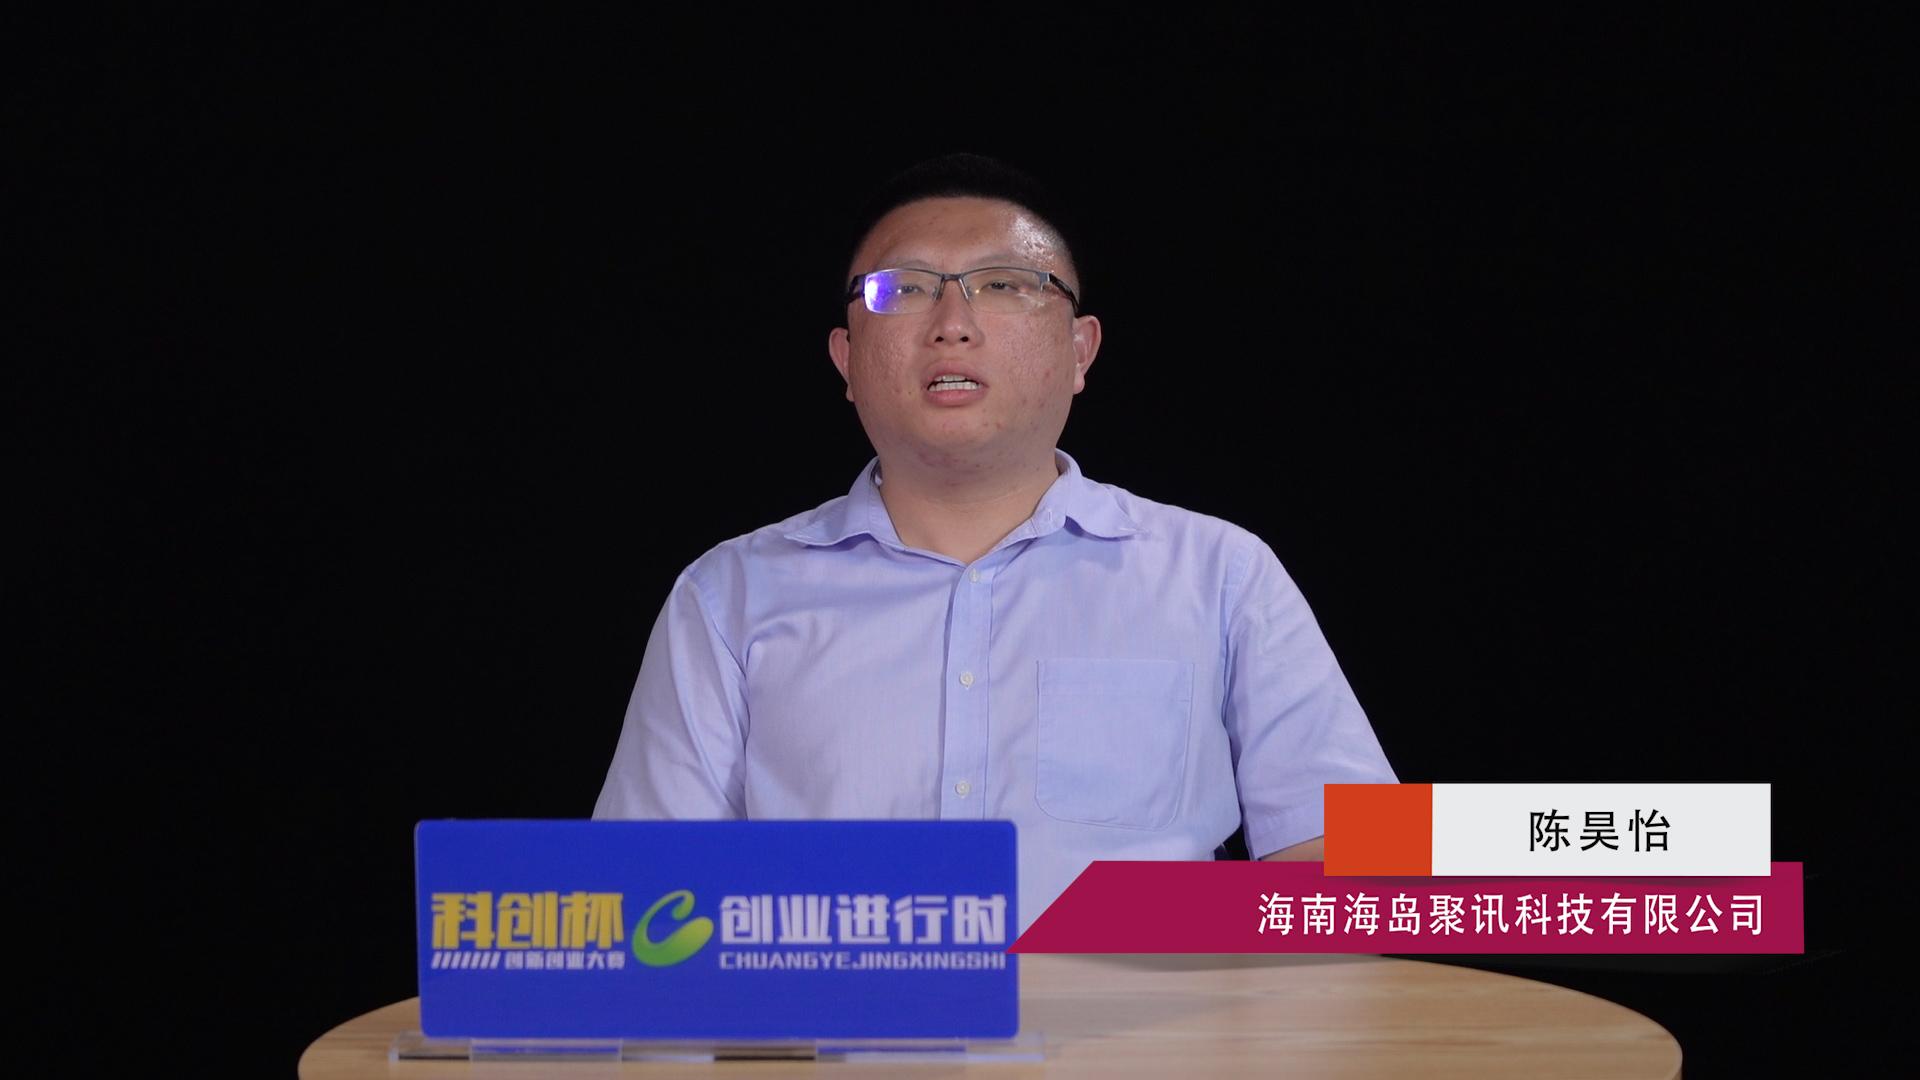 创业进行时|海岛聚讯陈昊怡,公交电子支付行业的改造者